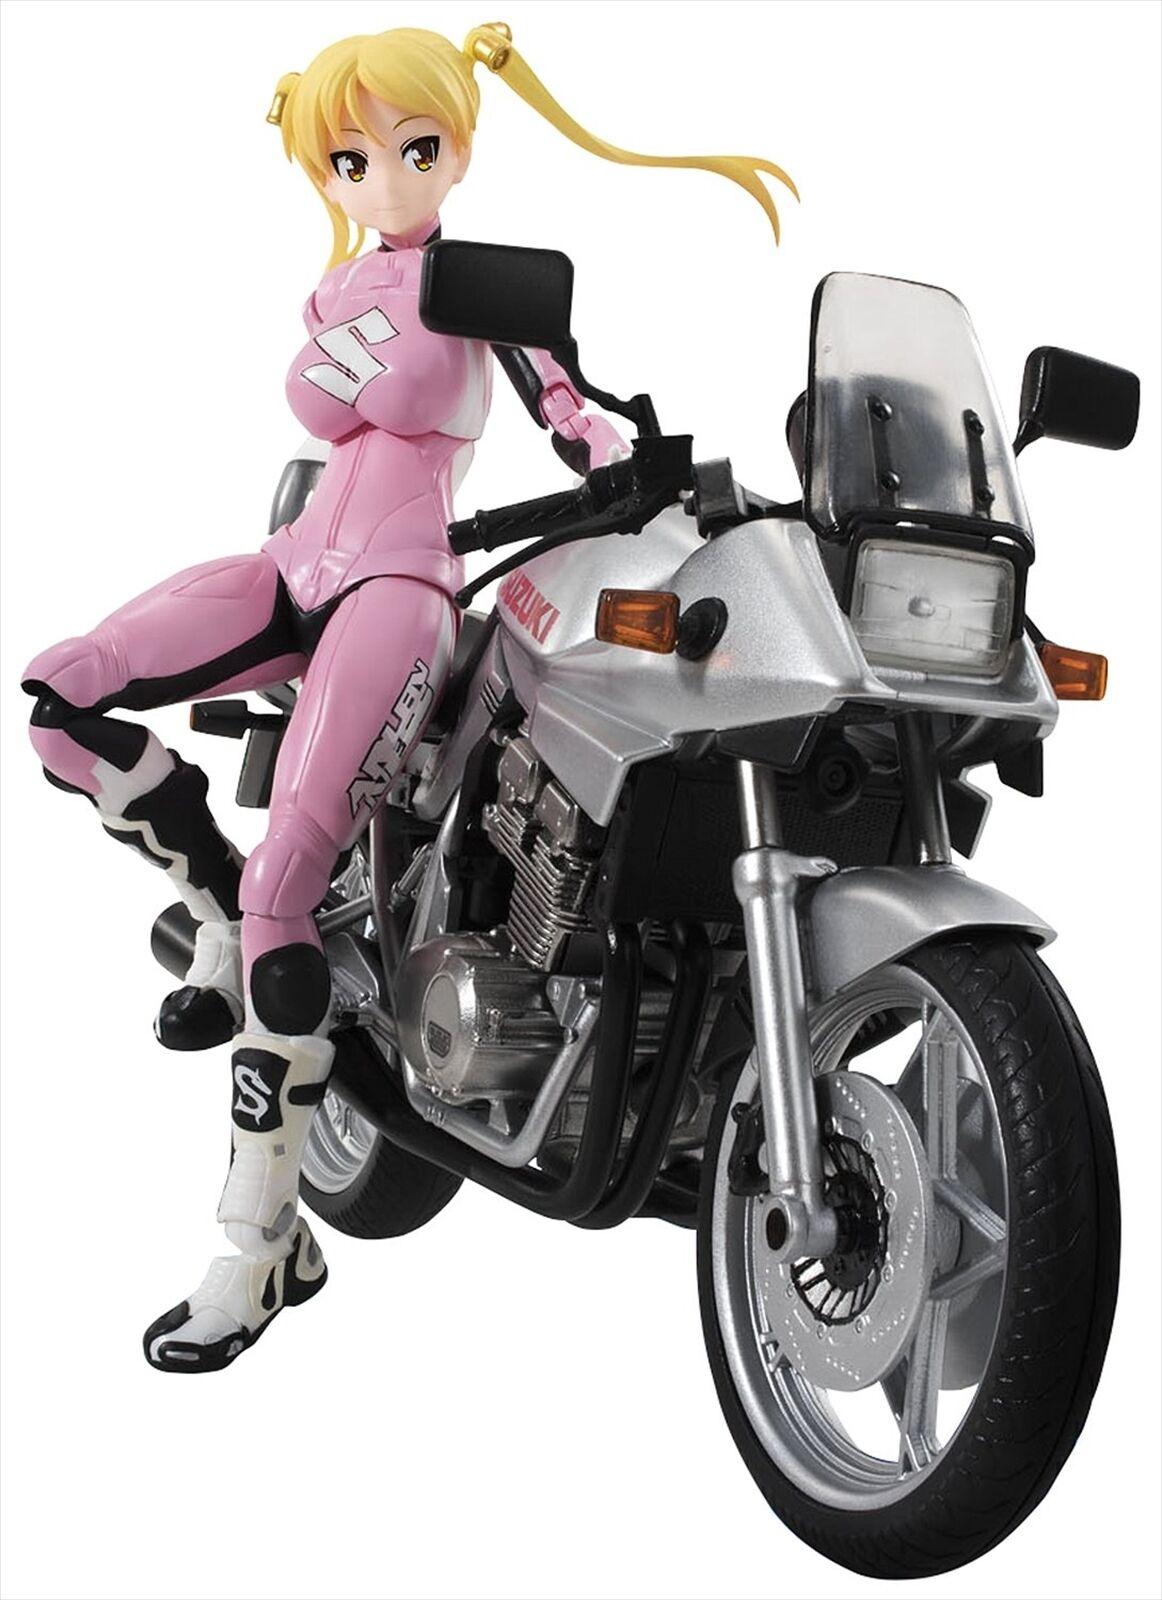 Bandai S.H. Figuarts Bakuon Bakuon Bakuon    Rin Suzunoki Rider Suit & GSX 400S KATANA Figure 1ee468